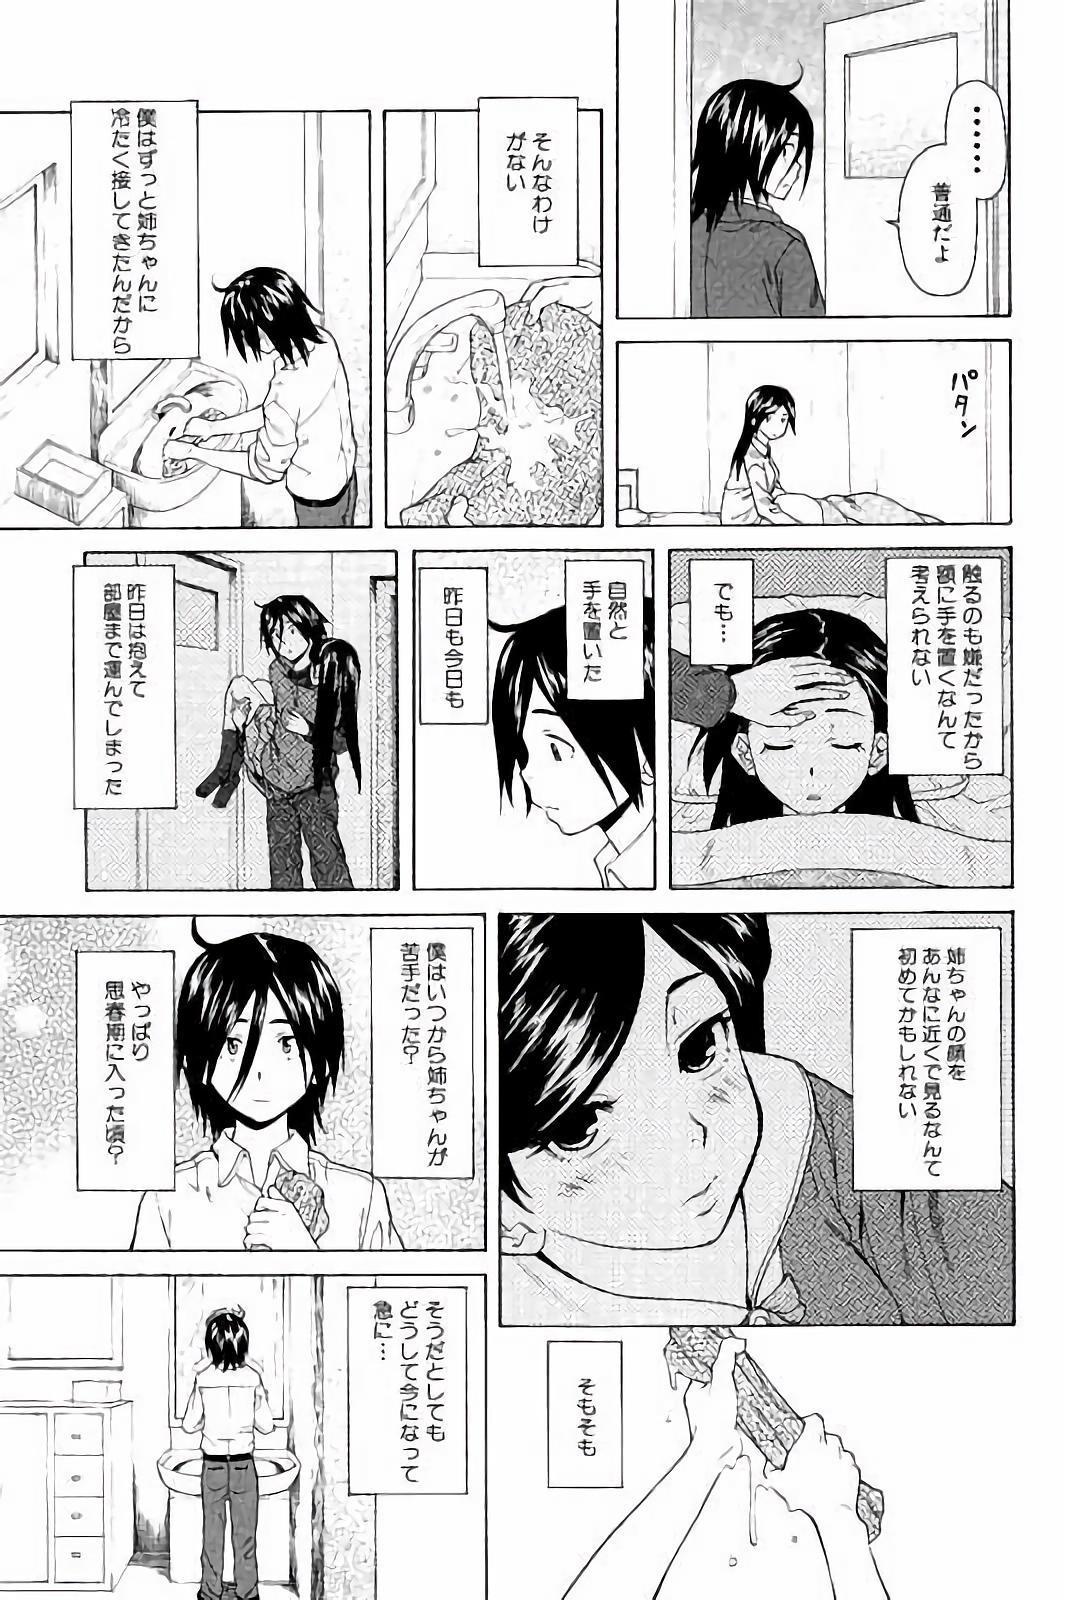 Ane no Himitsu To Boku no Jisatsu 46